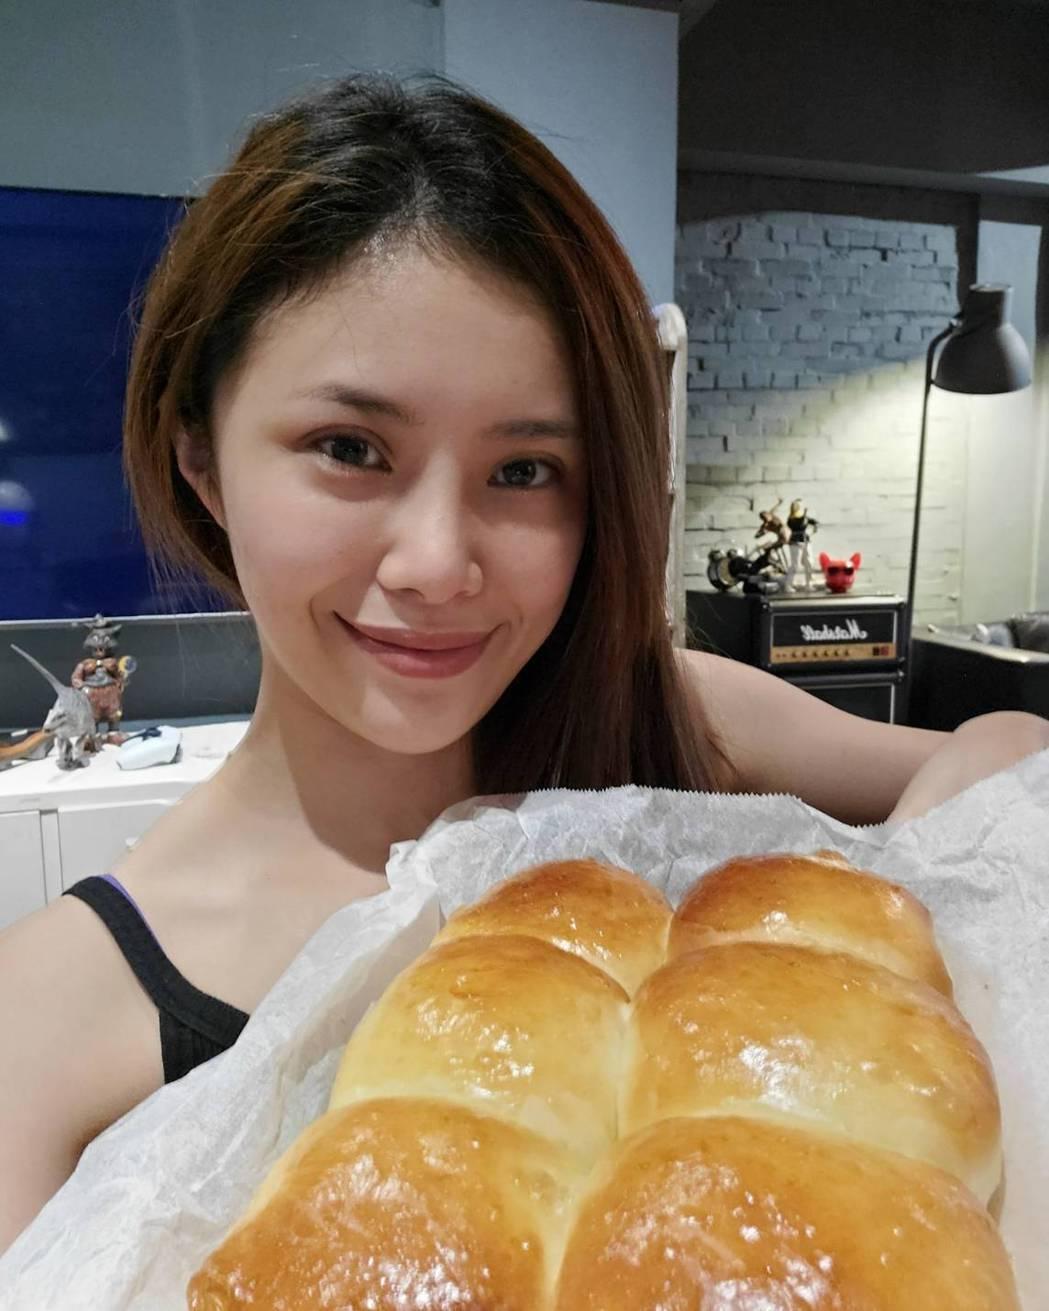 宋燕旻分享烘焙成果。圖/華視提供